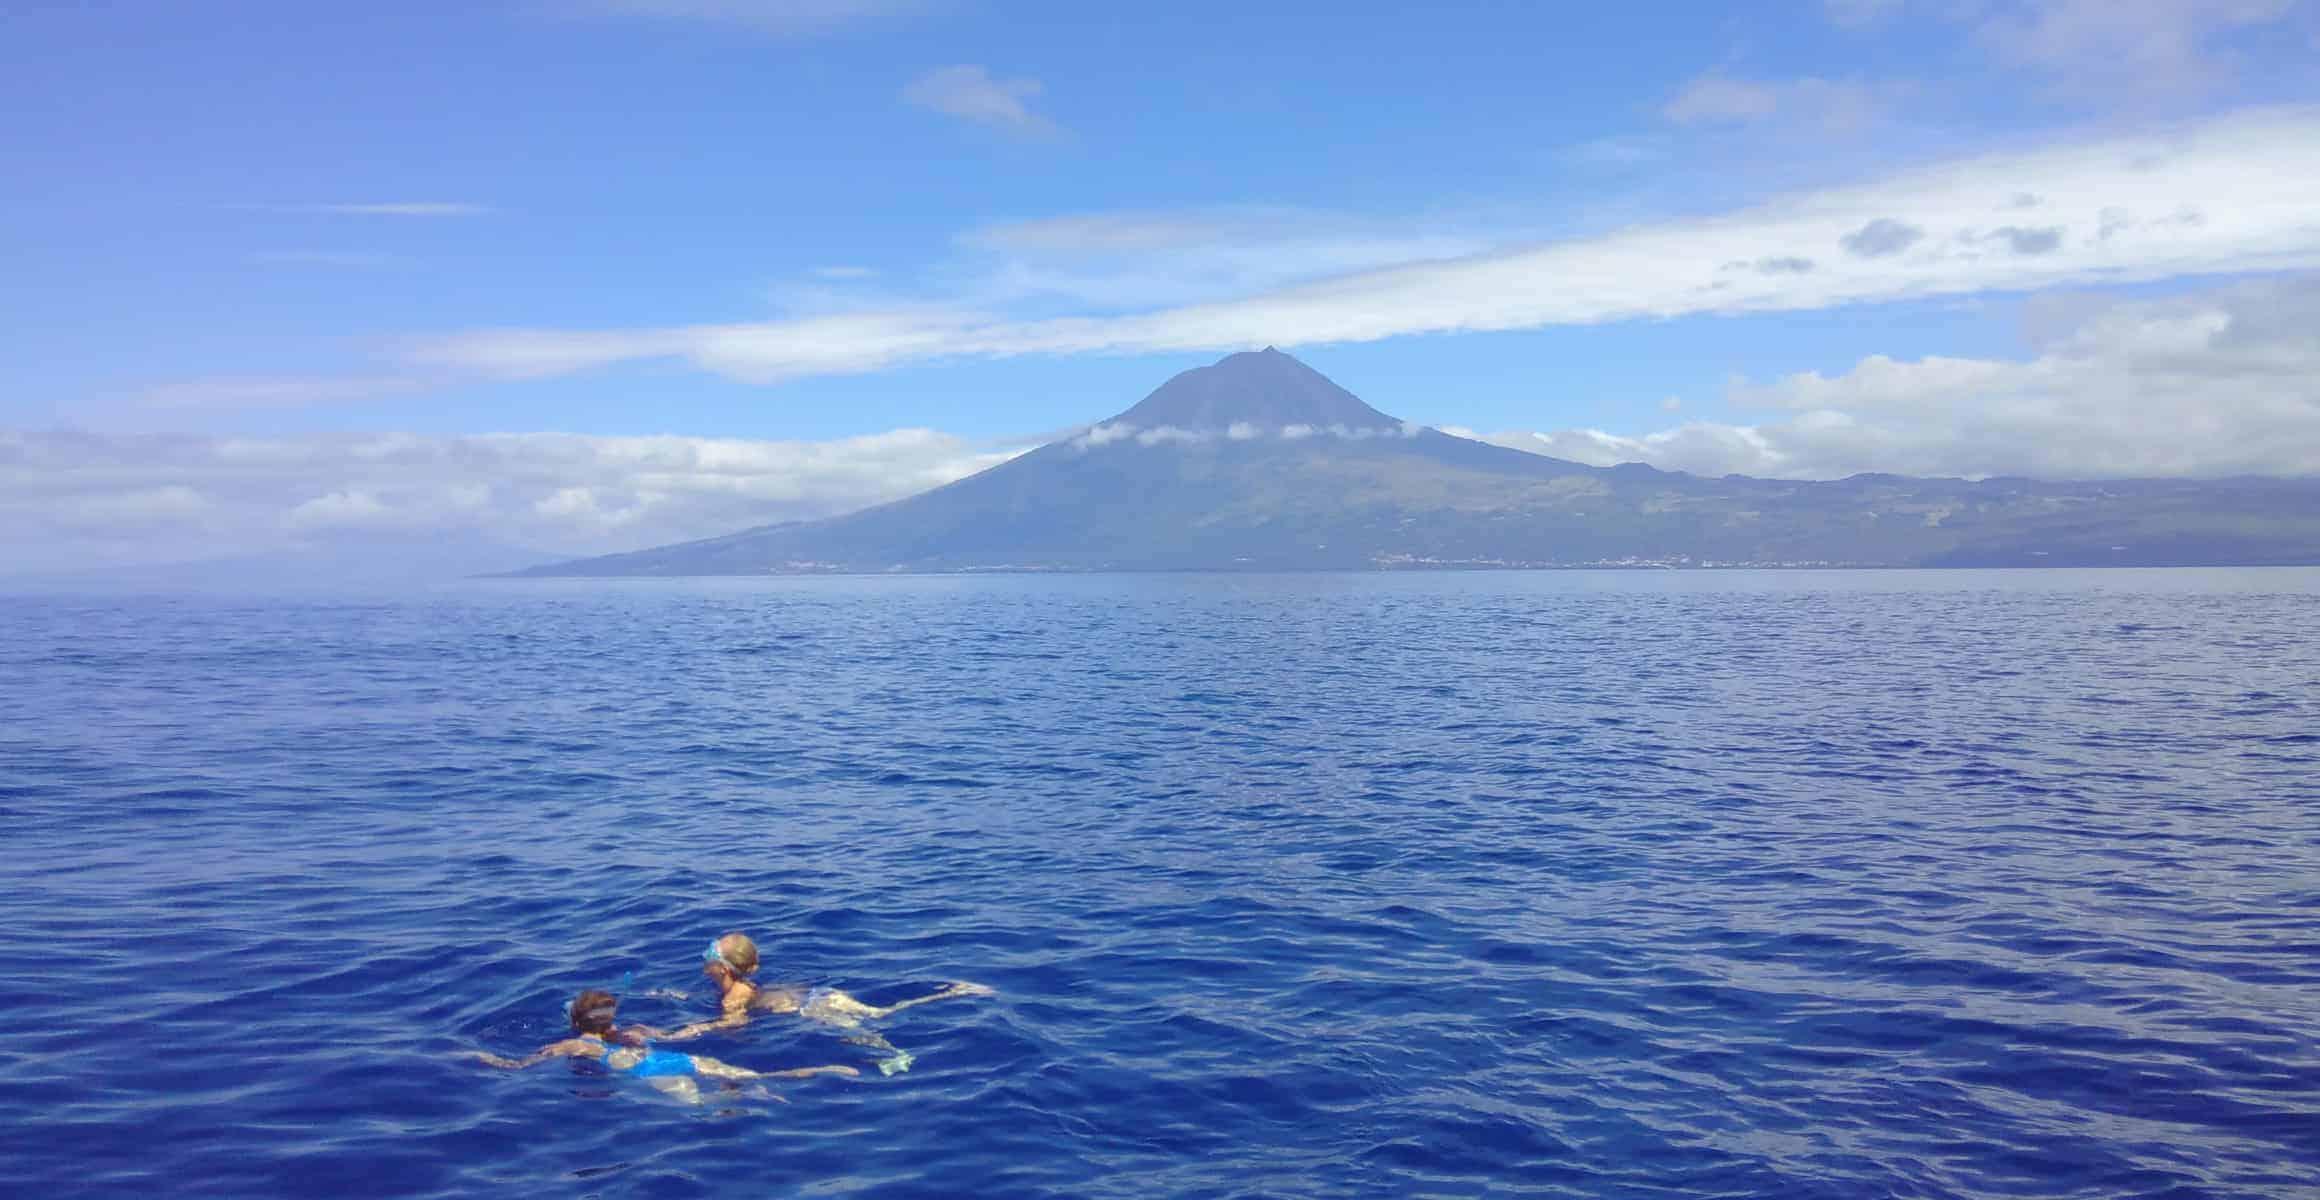 Zwei Menschen schwimmen bei Heilreise mit Taucherbrille im Meer vor der Azoren Insel Pico im Hintergrund der Vulkan